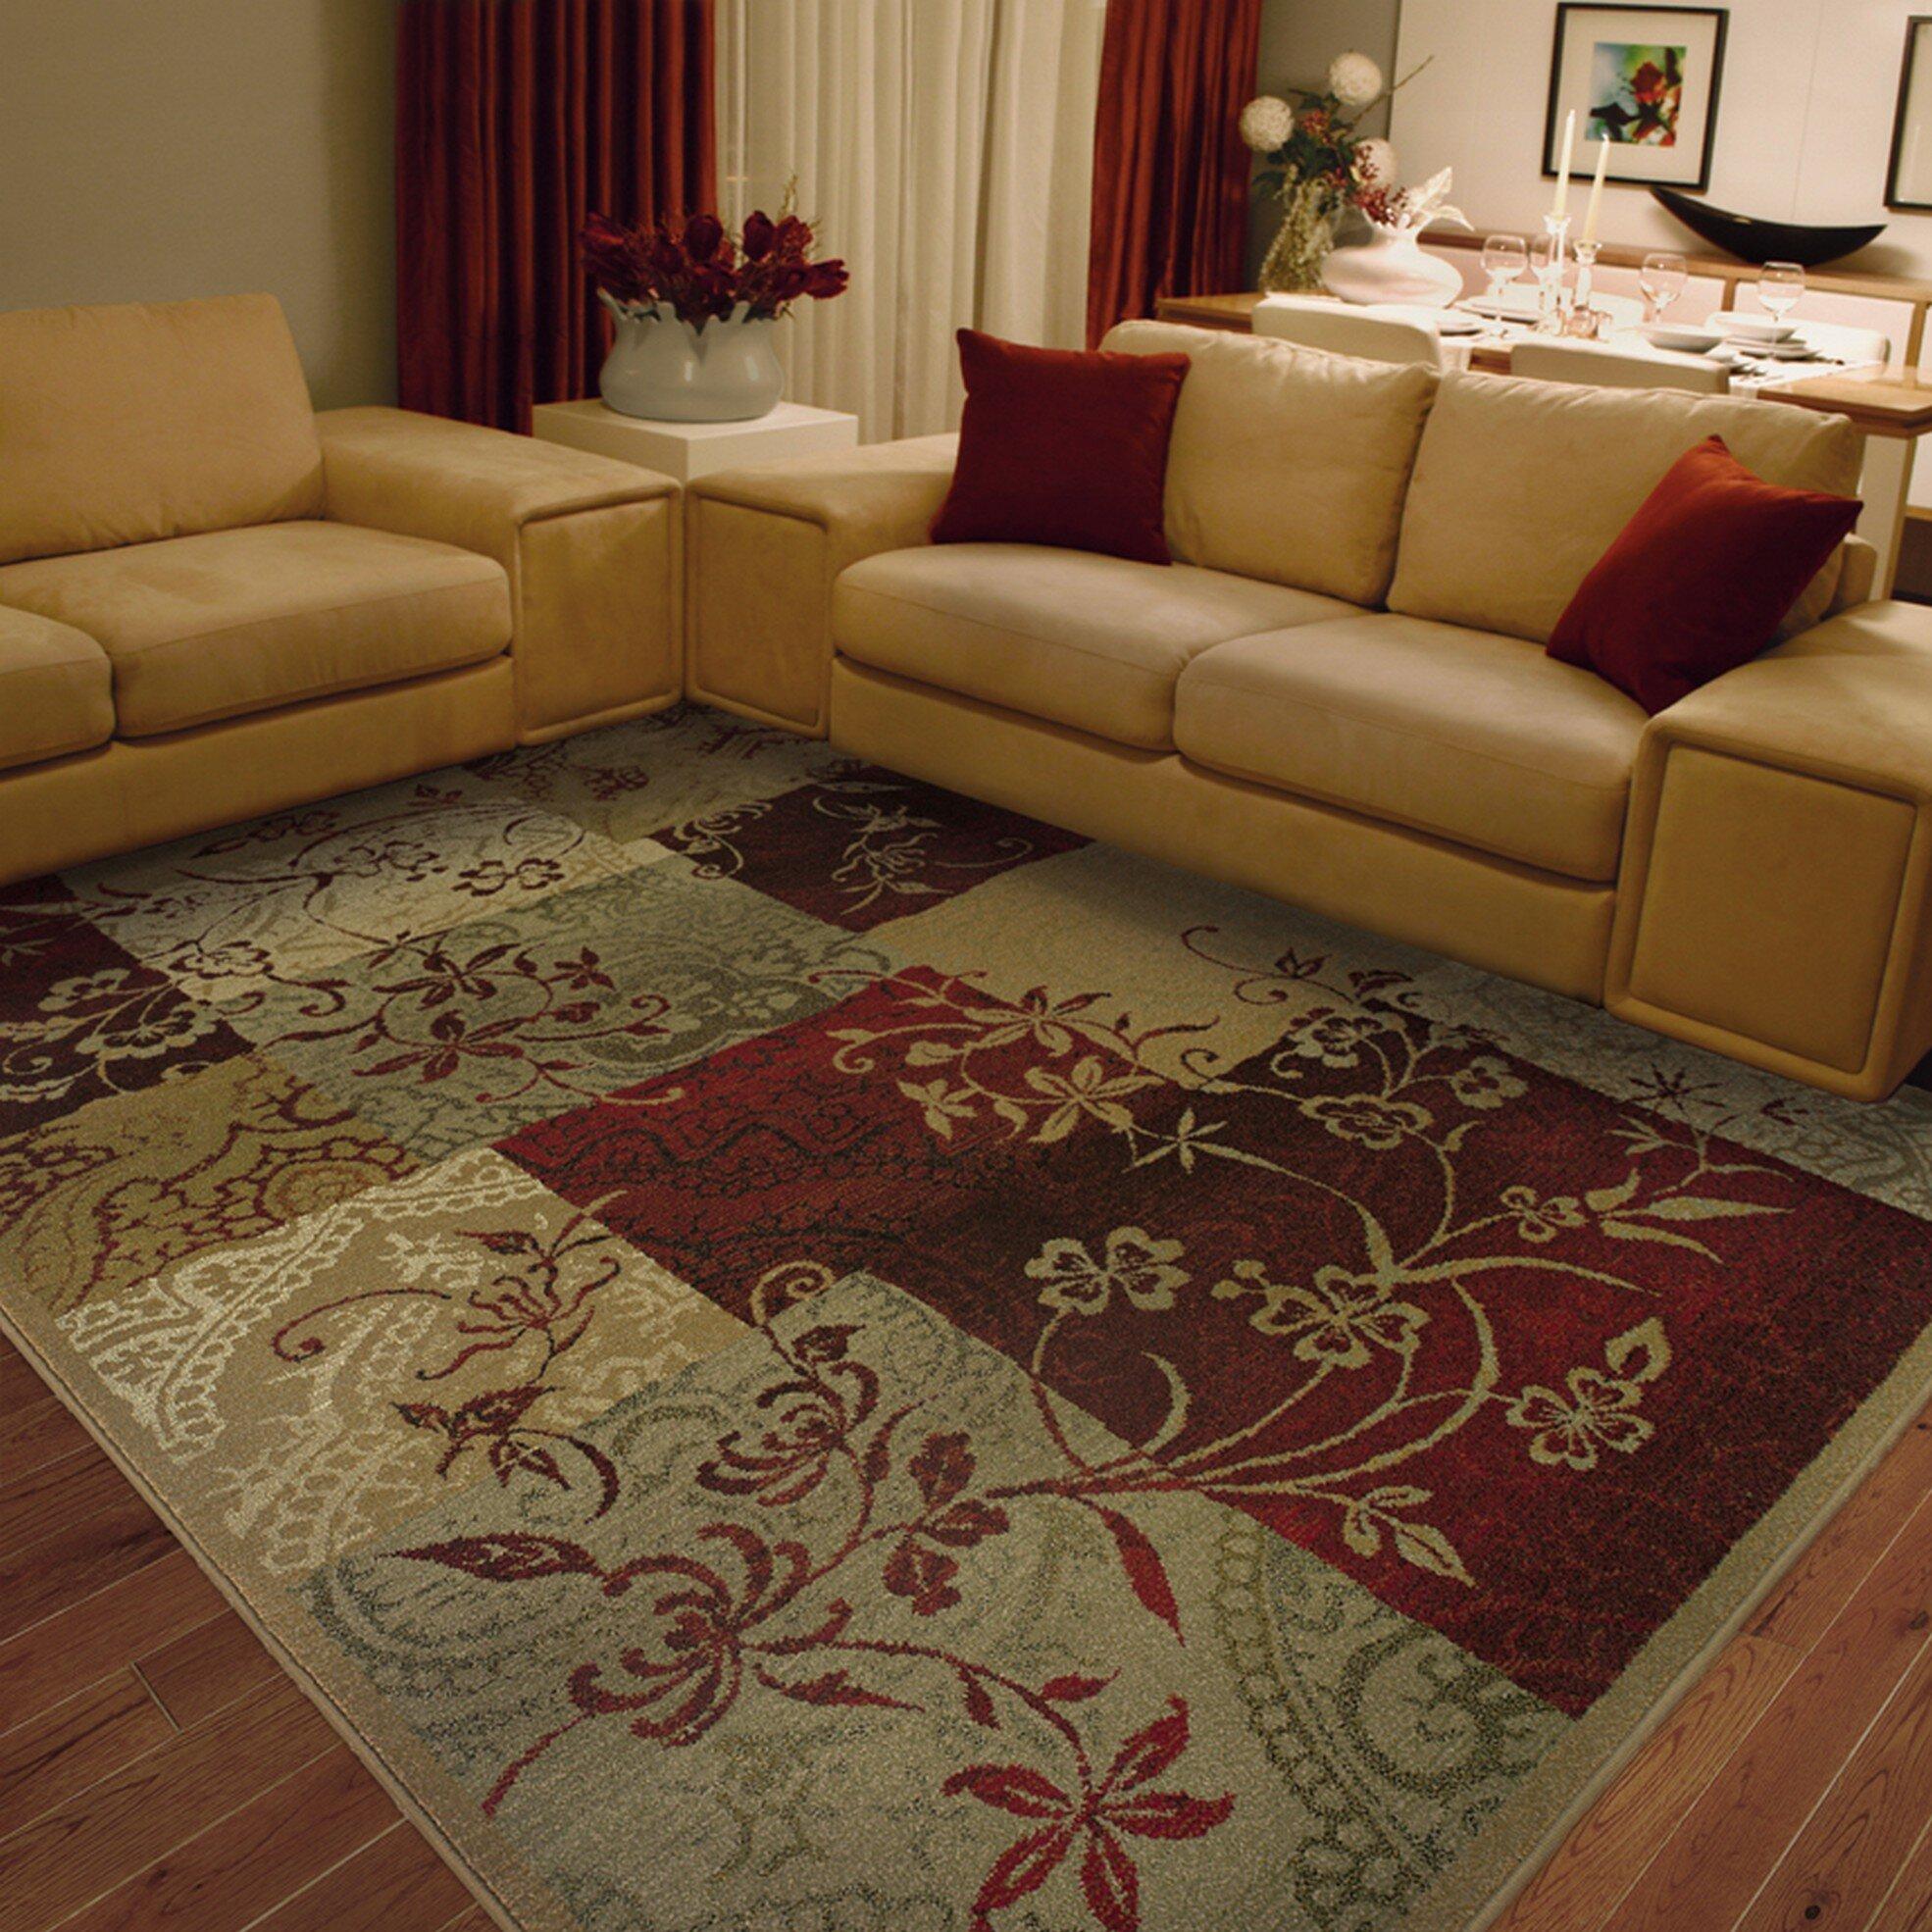 Red Living Room Rug Red Barrel Studio Sabanc Beige Red Area Rug Reviews Wayfair